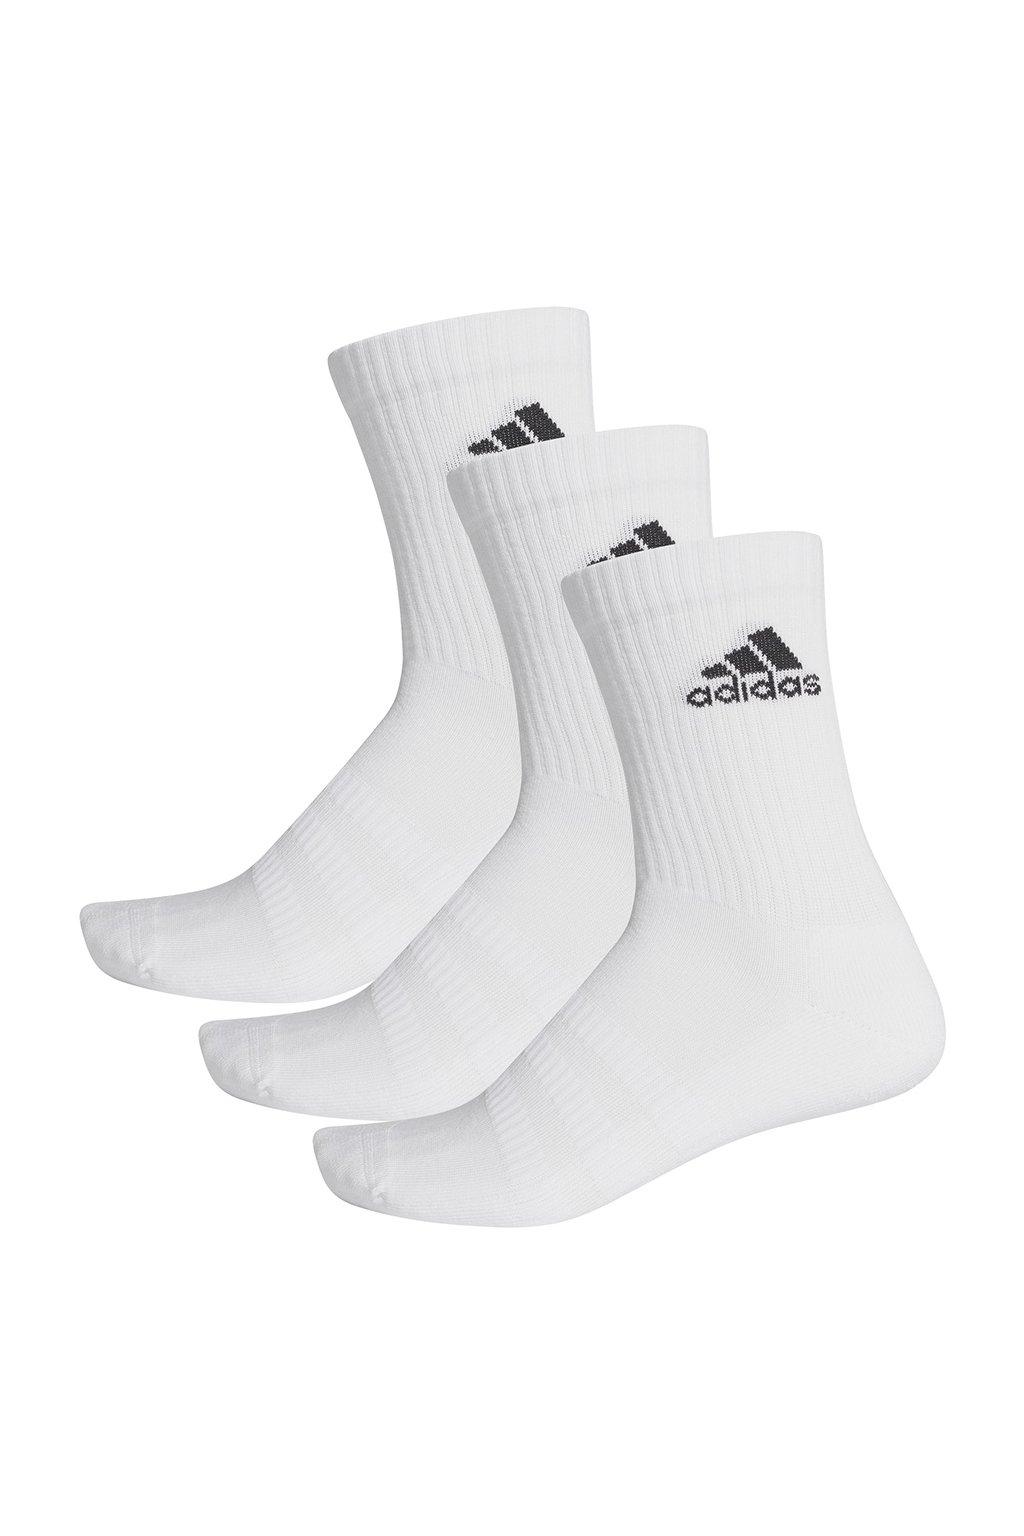 Ponožky Adidas Cushlined Crew 3PP biele DZ9356